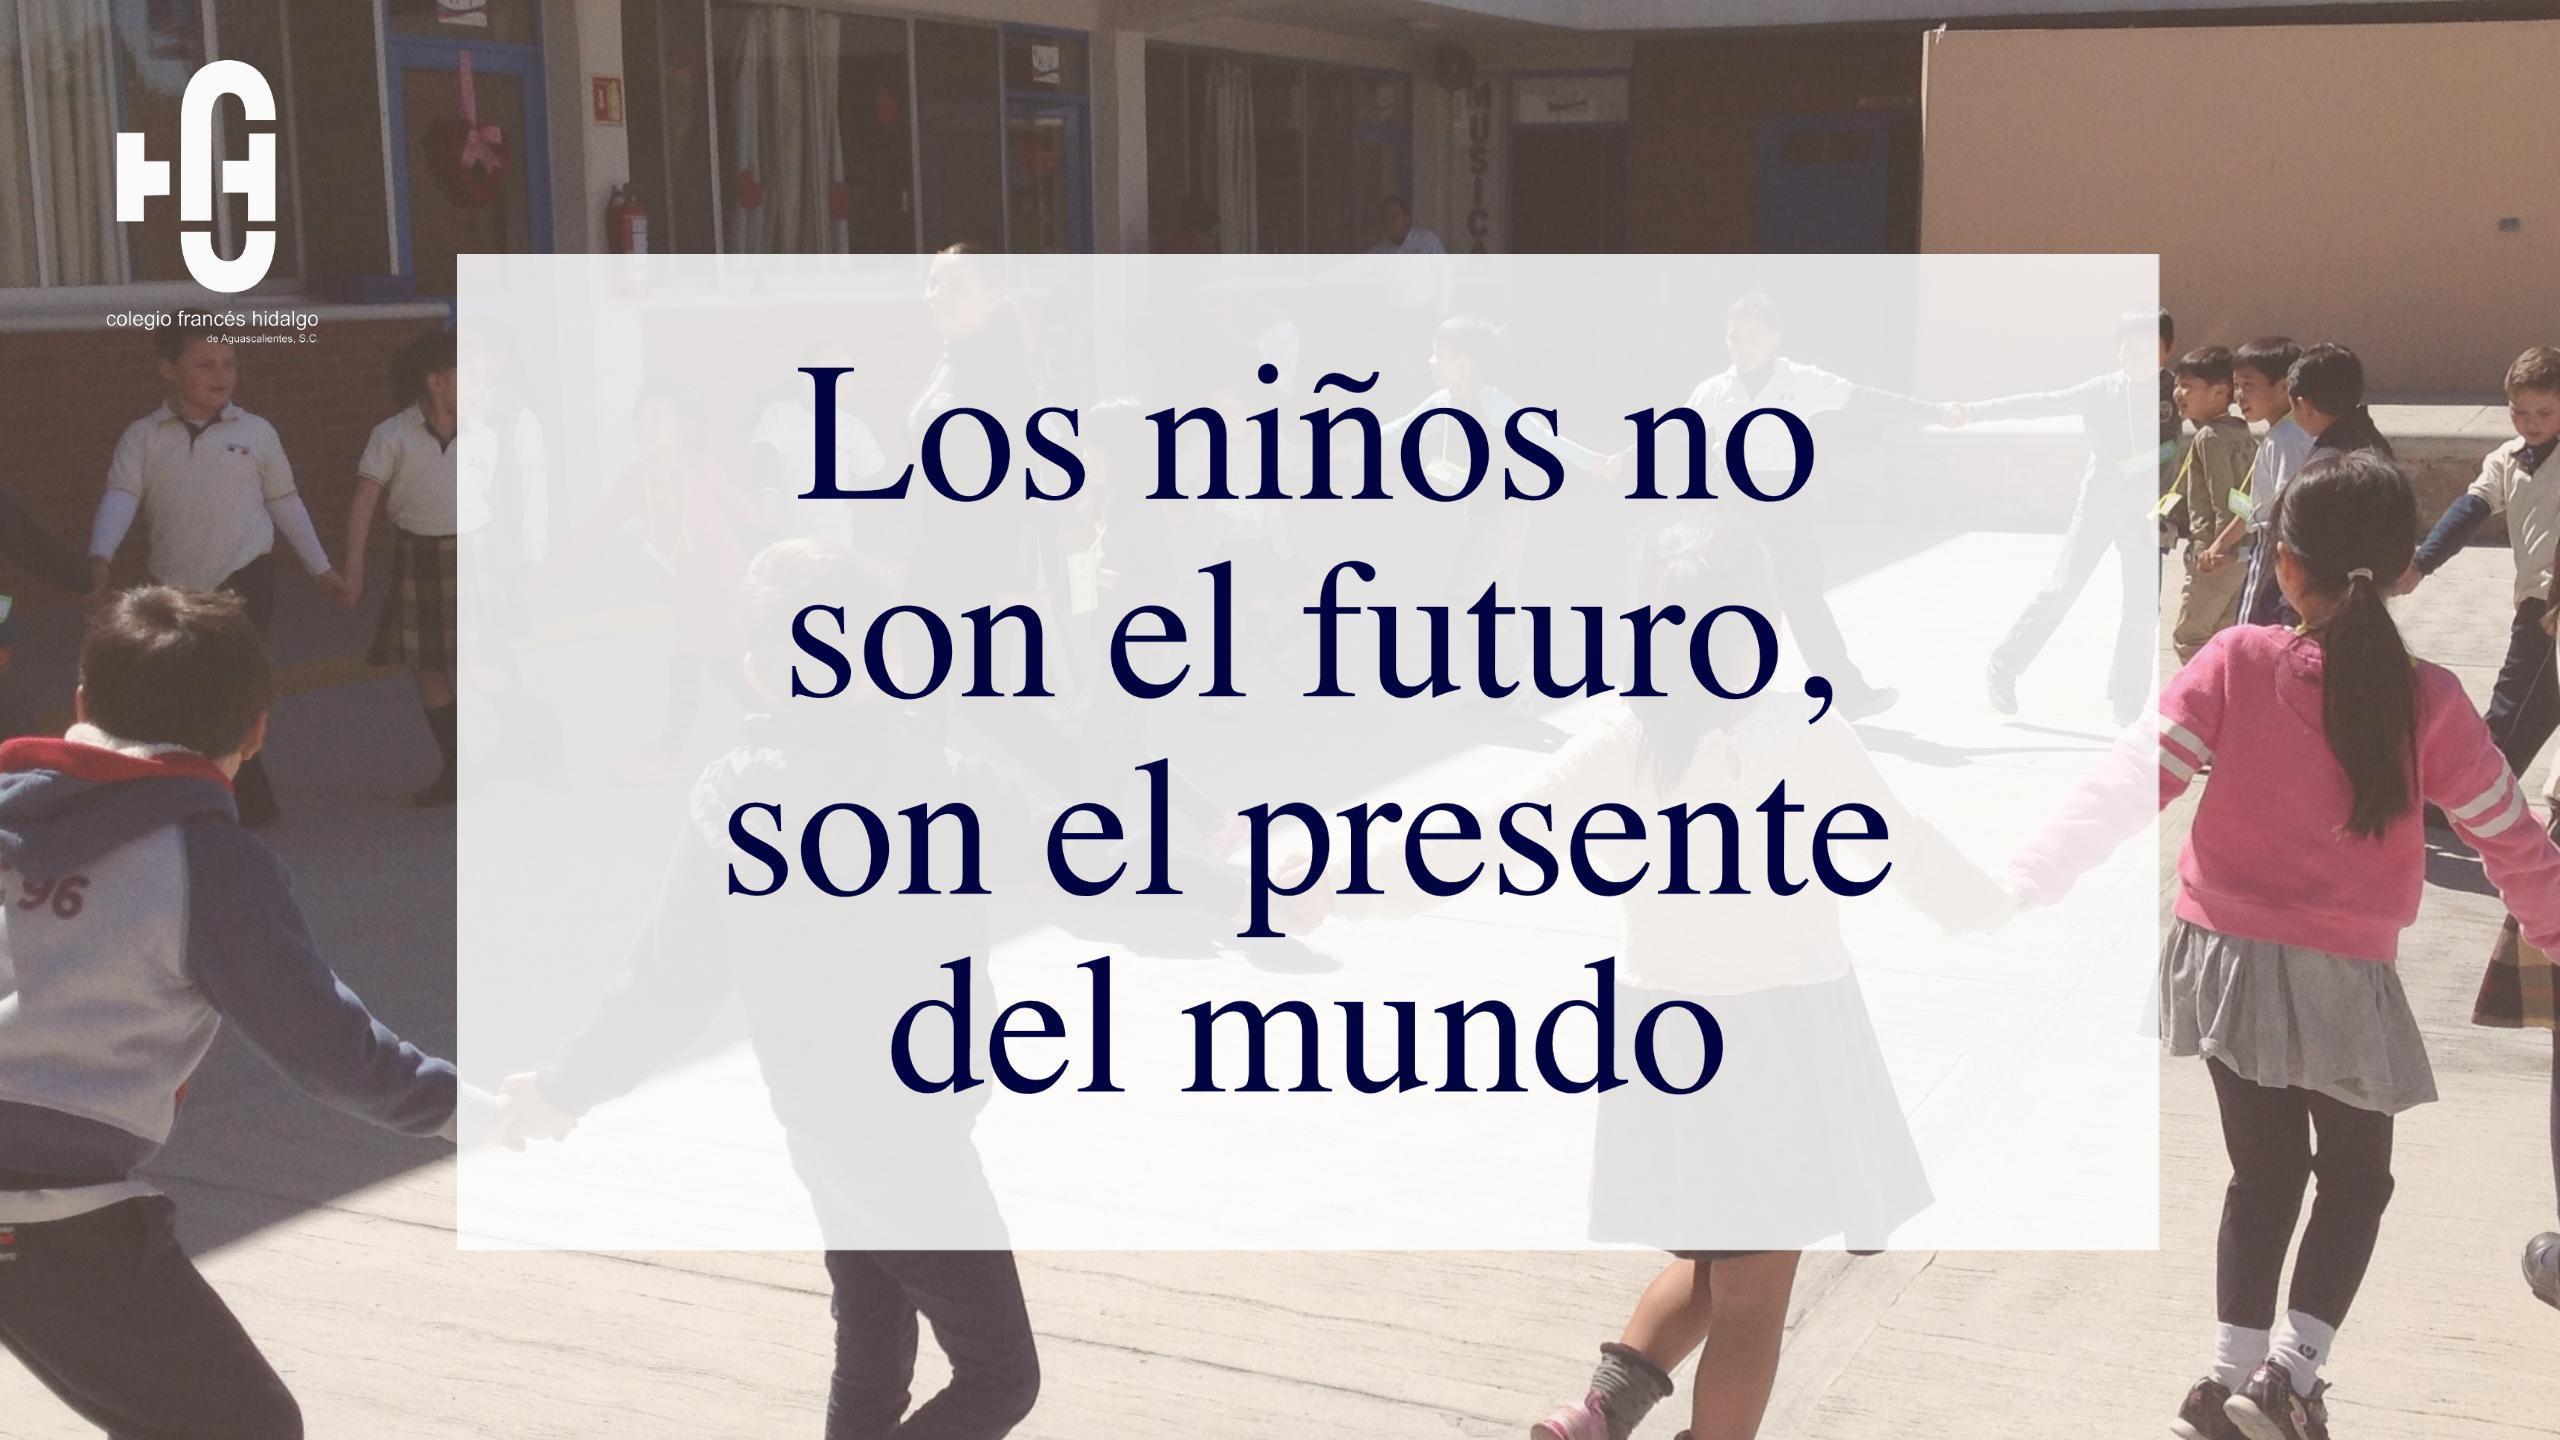 Los niños no son el futuro, son el presente del  mundo Image